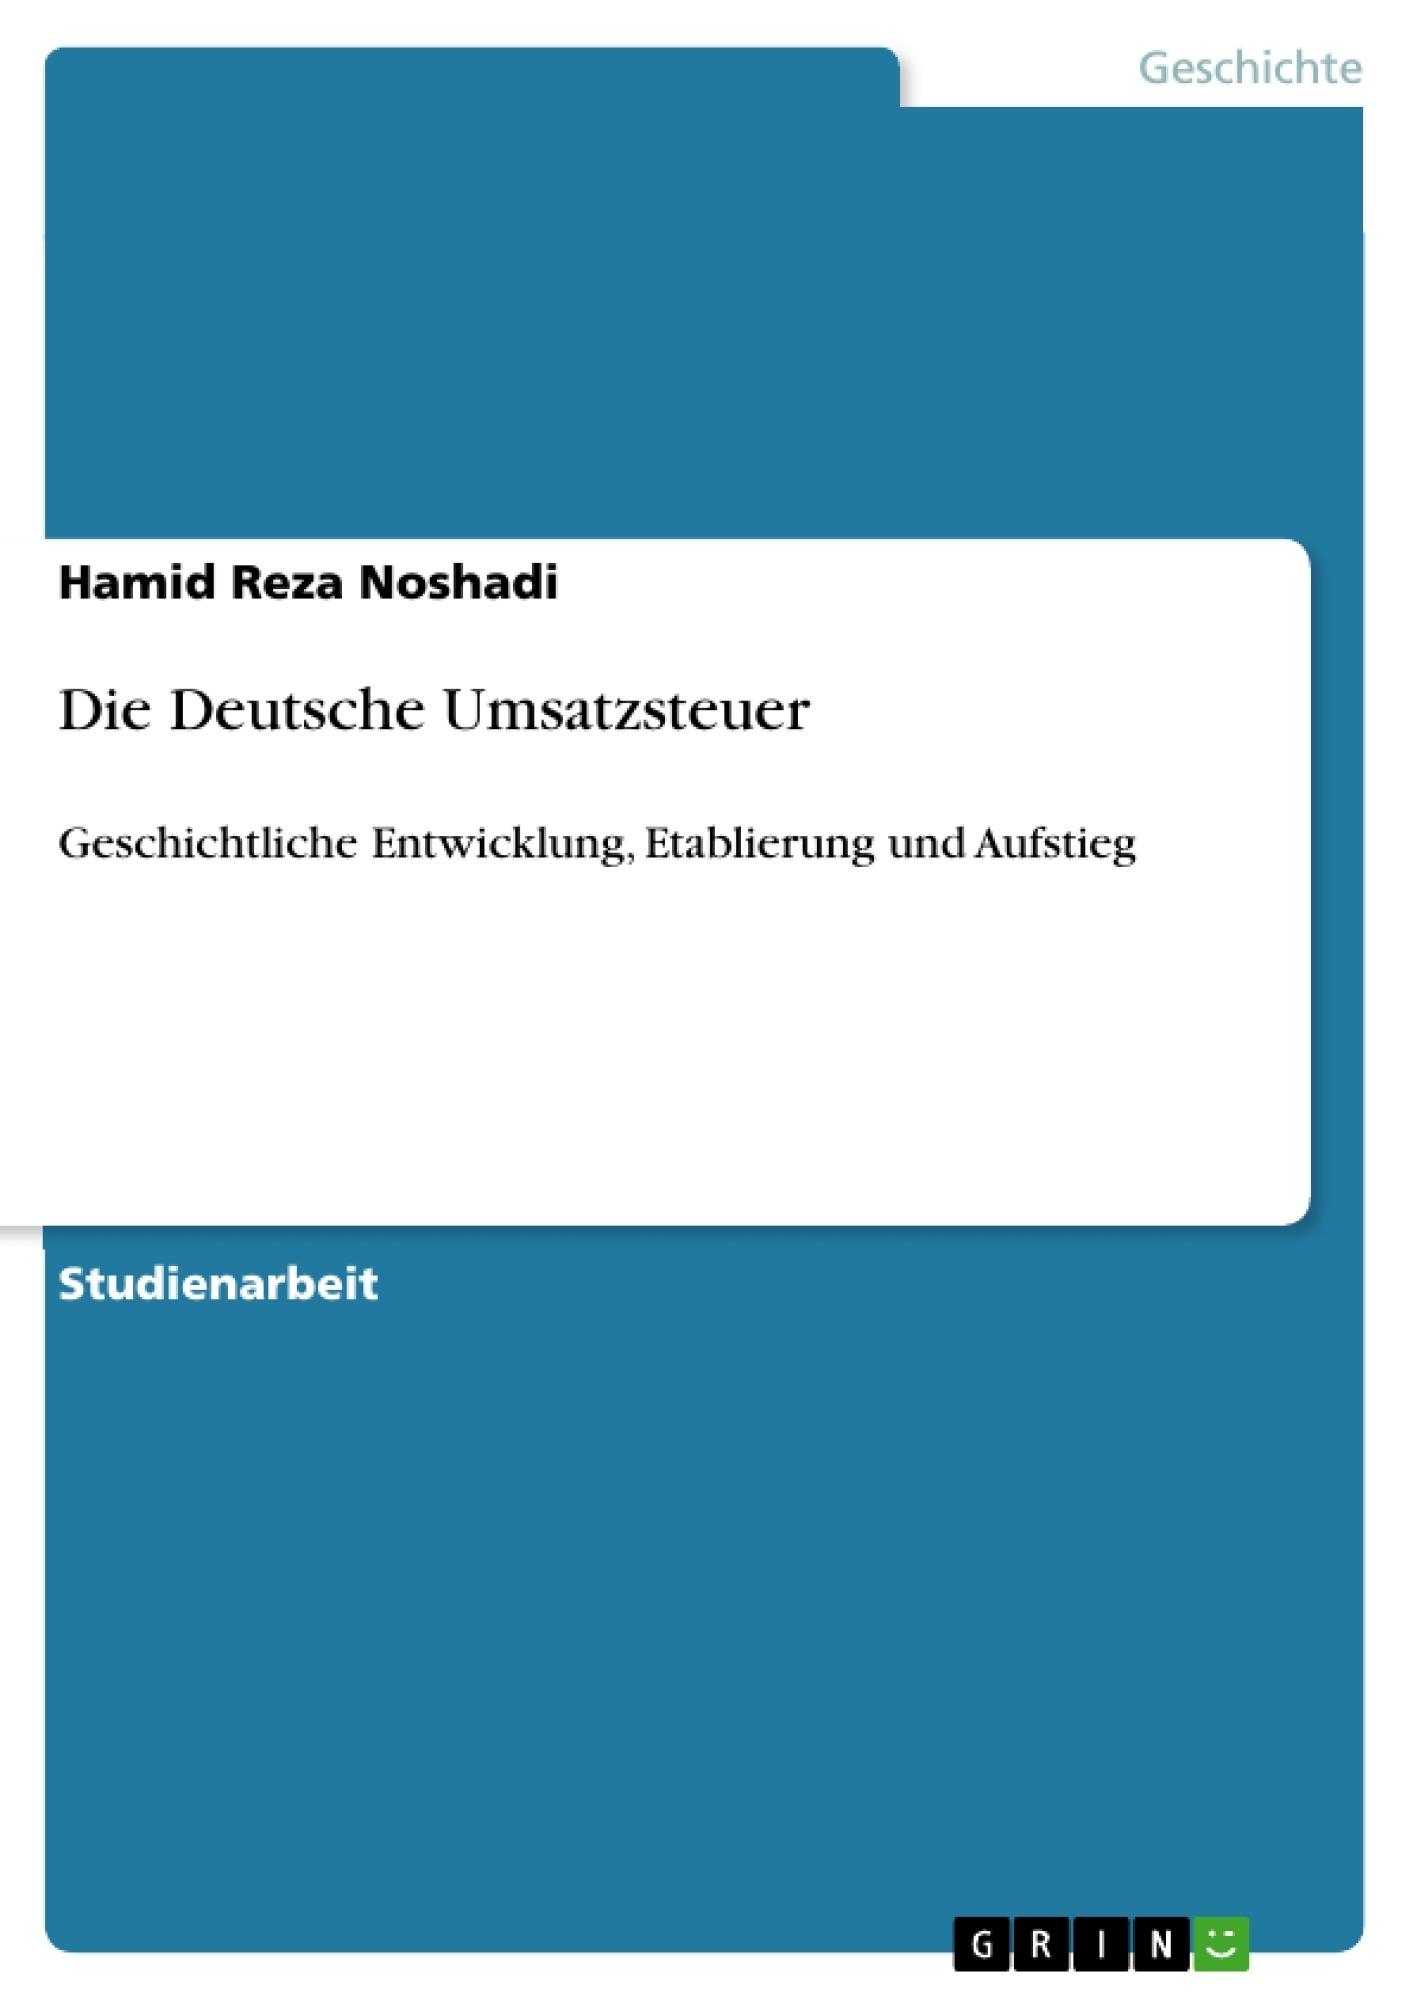 Titel: Die Deutsche Umsatzsteuer